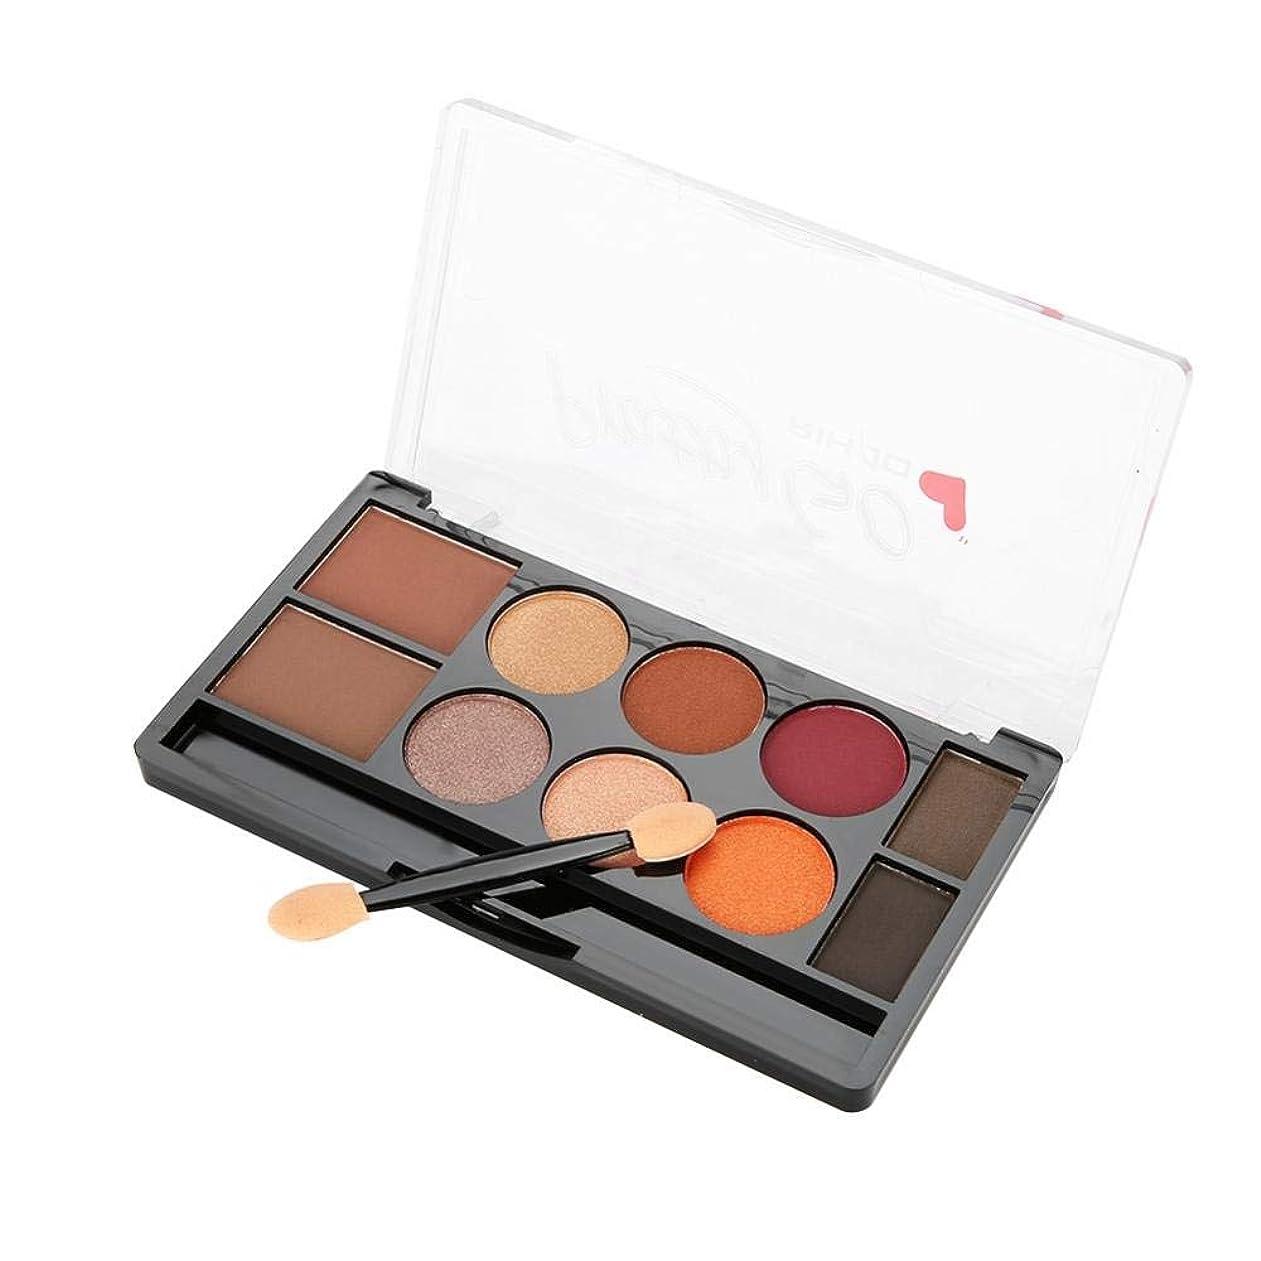 デッド特権バレルマットアイシャドー、眉毛粉 プロフェッショナルアイシャドウパールパレット化粧品メイクアップセット10色(1#)